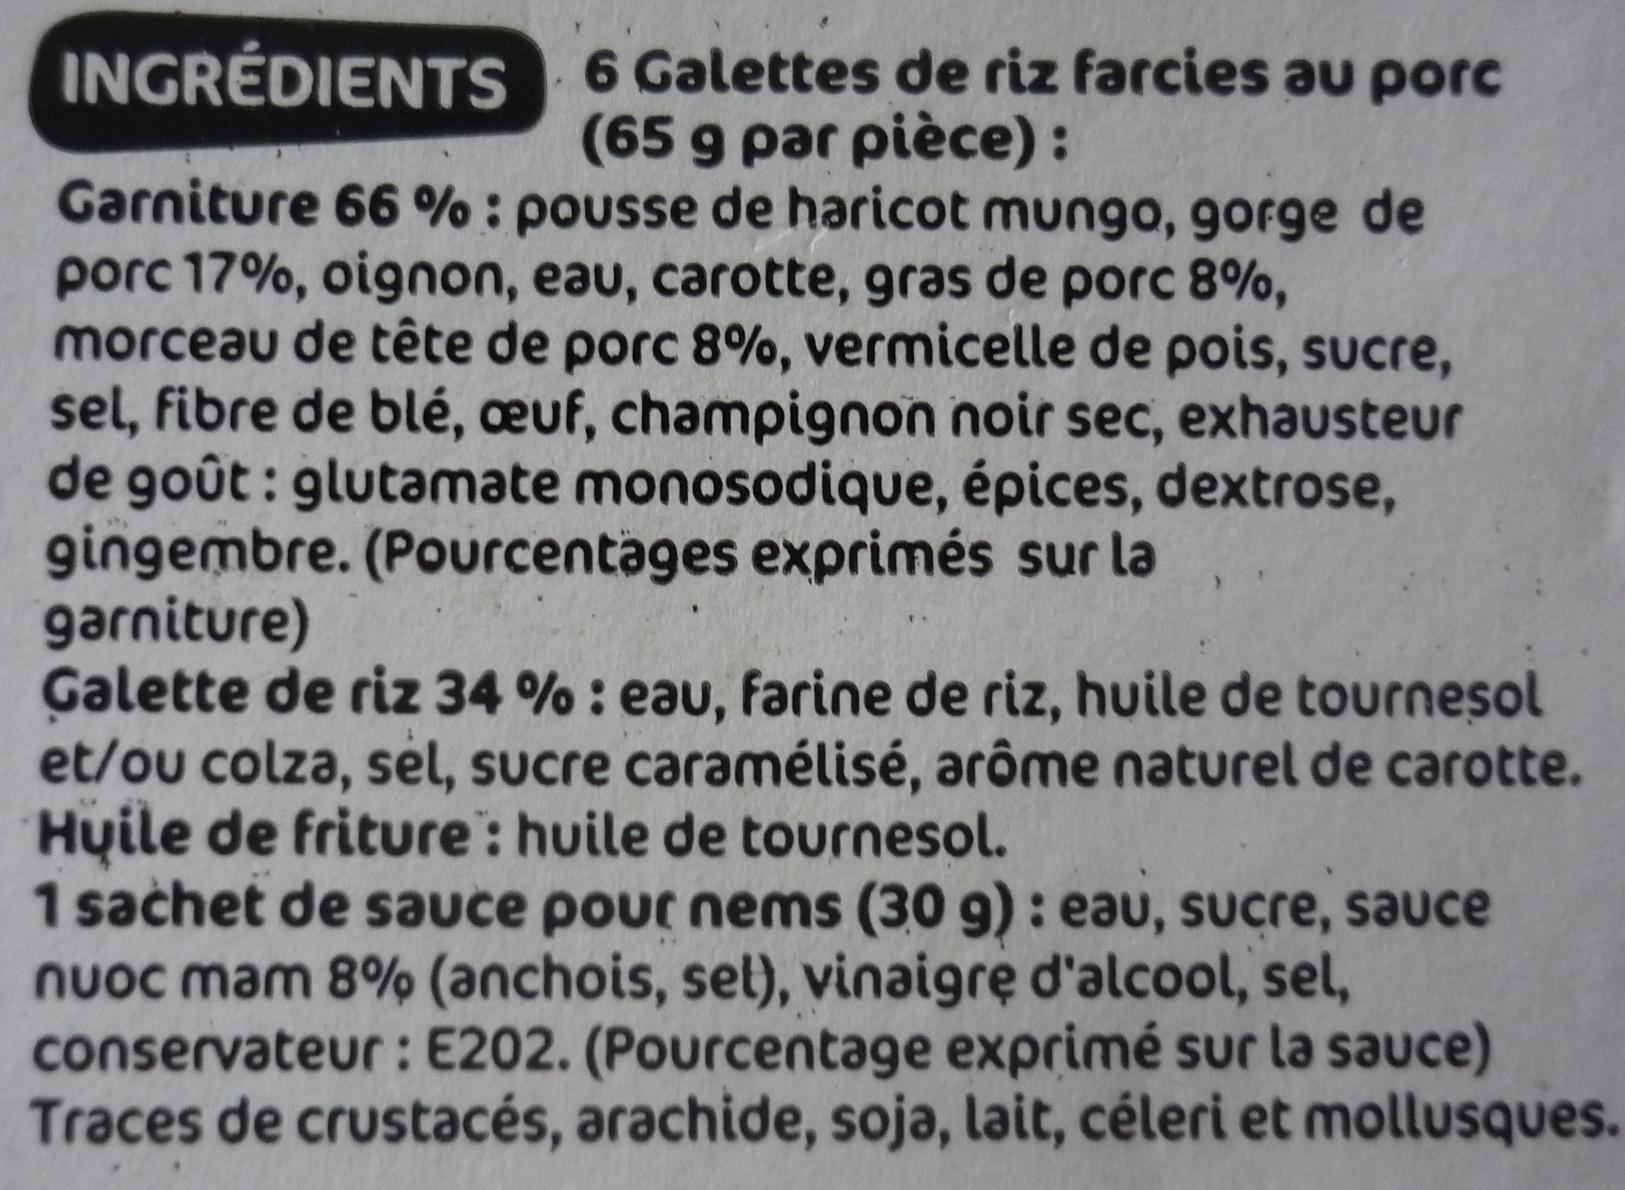 6 Nems au Porc et leur sauce - Ingrédients - fr